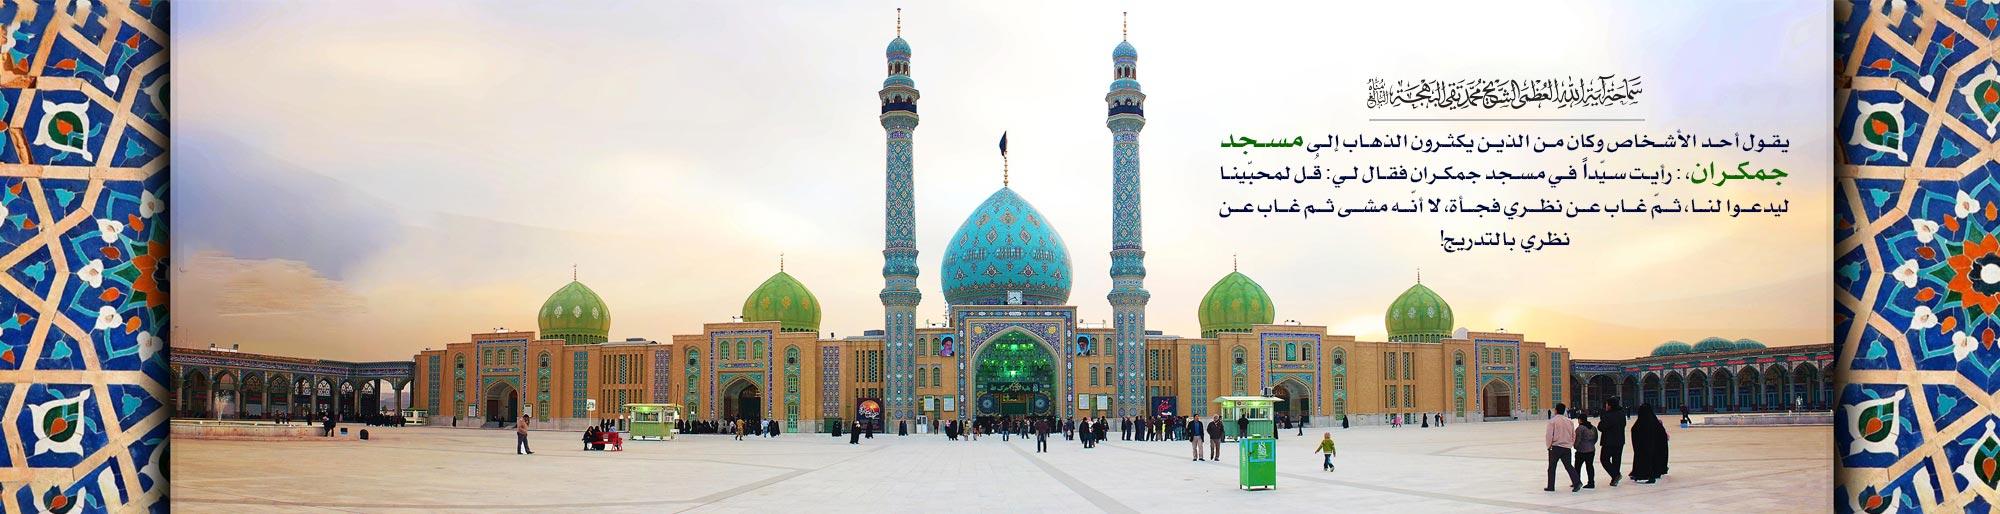 اسلايدر مسجد جمكران المبارك